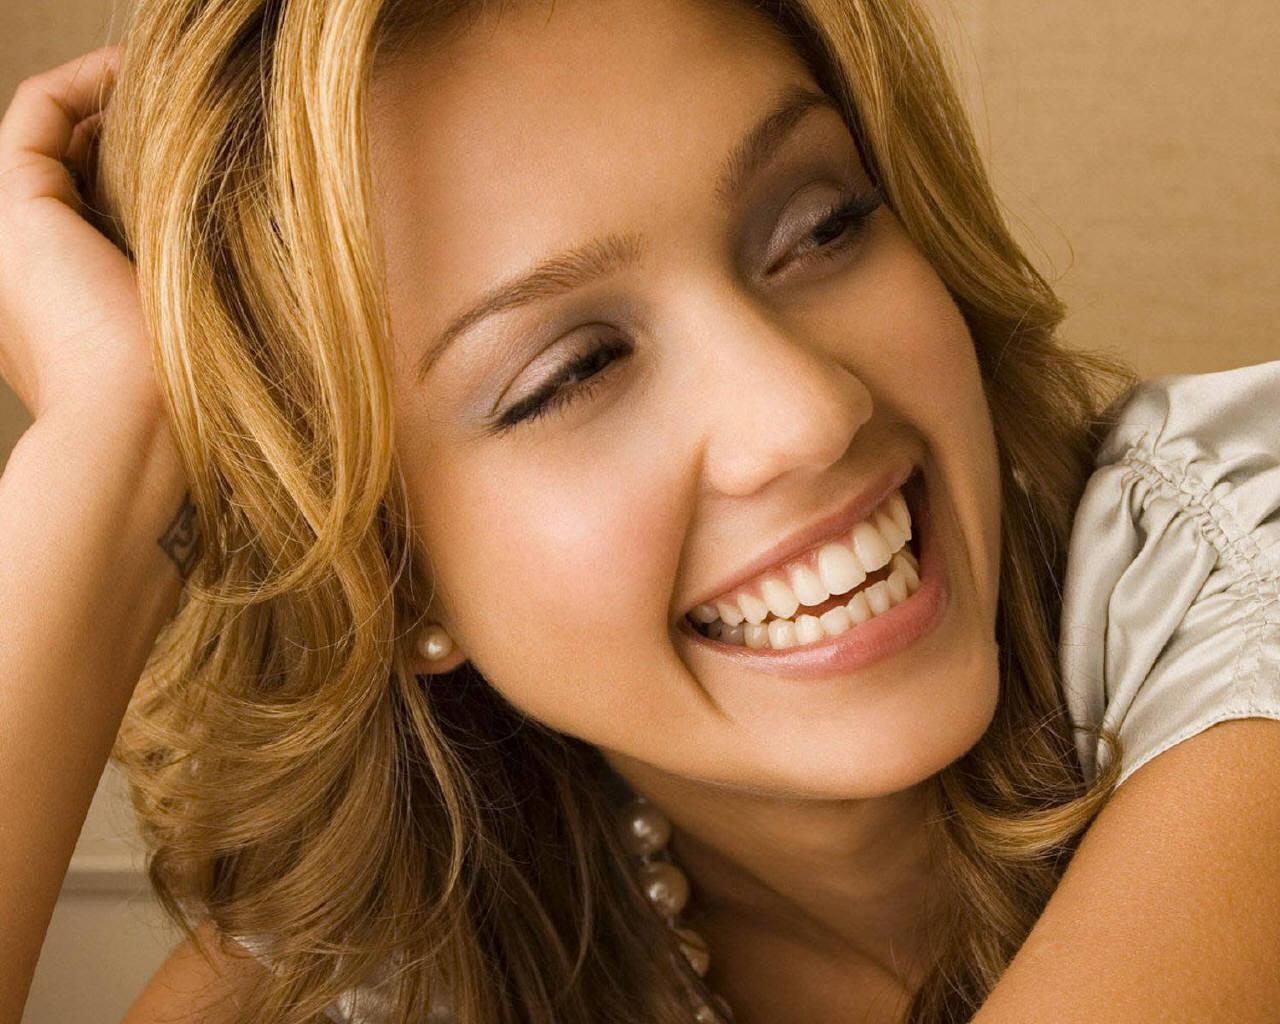 http://2.bp.blogspot.com/-Sg1xMrEk0KM/TjPq87_dyTI/AAAAAAAAAR0/D7fBZO6XB8I/s1600/Jessica+Alba+wallpapers-1.jpg